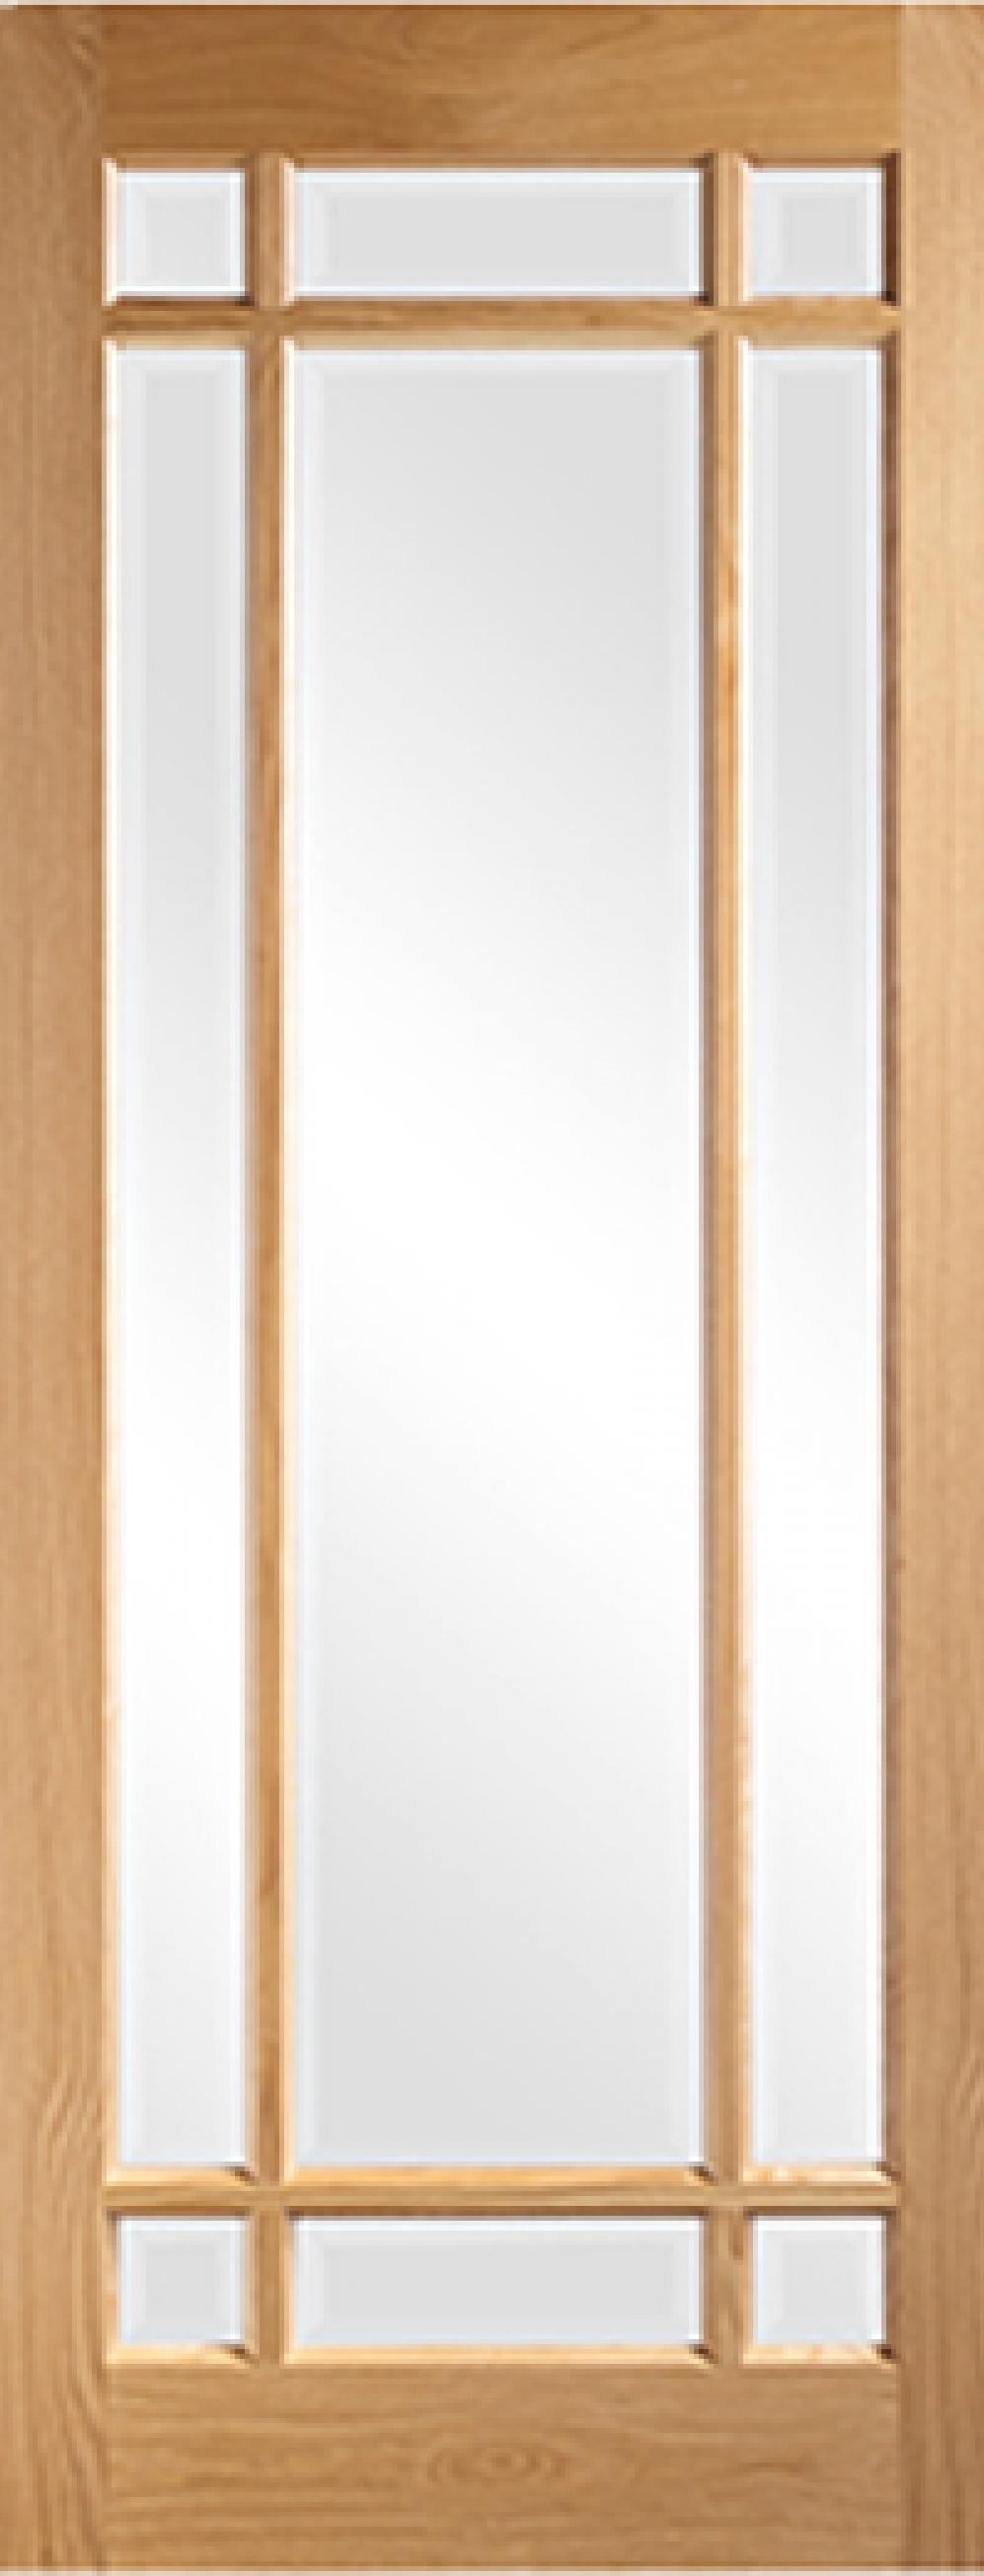 Glazed Door kerry glazed oak interior glazed doors, bevelled glass | vibrant doors